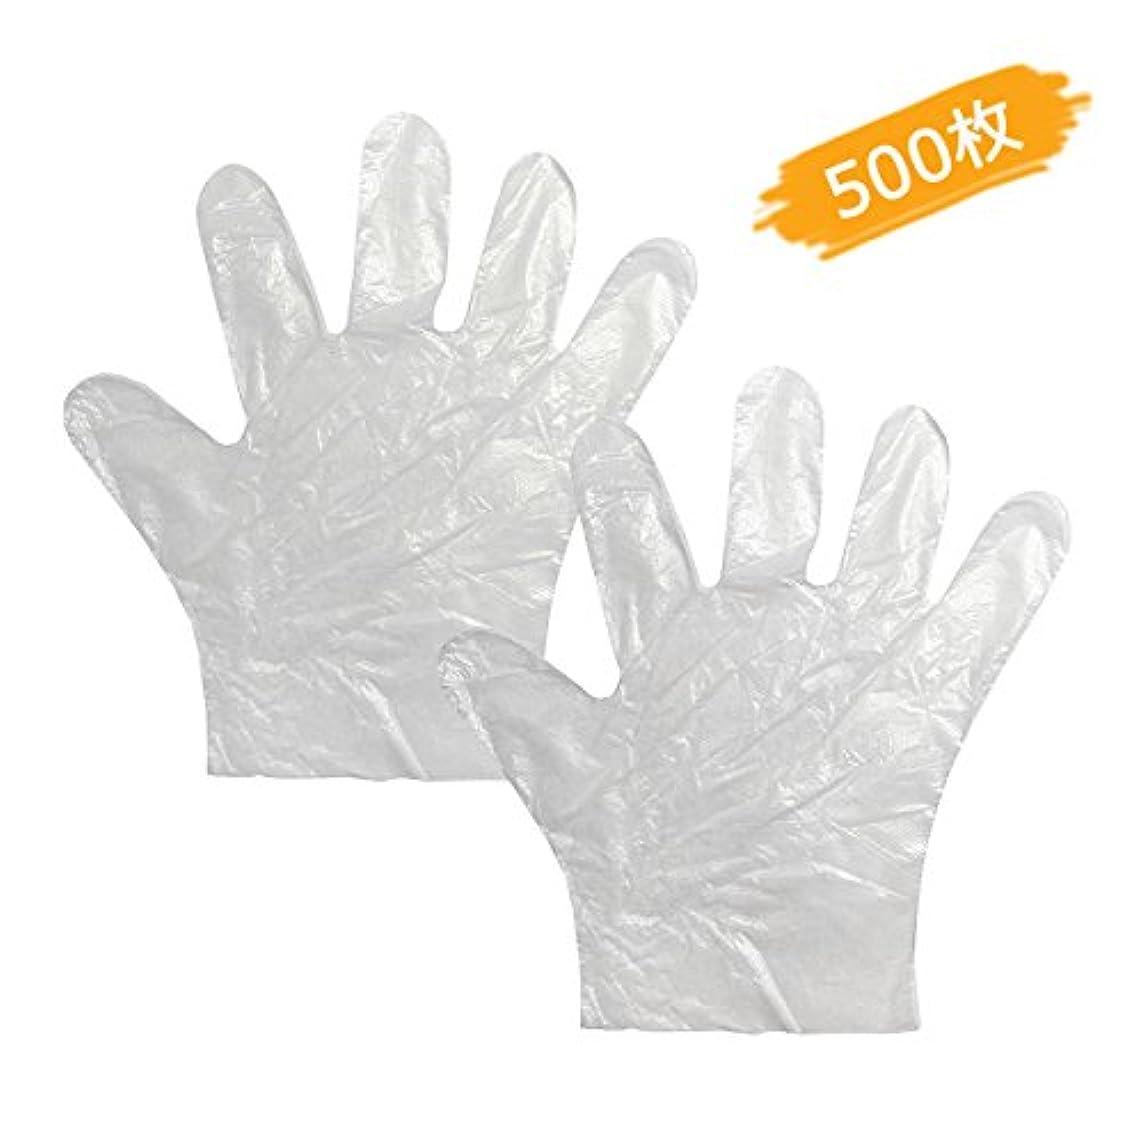 ヘア踏み台トリクル使い捨て手袋 極薄ビニール手袋 調理 透明 実用 衛生 500枚入